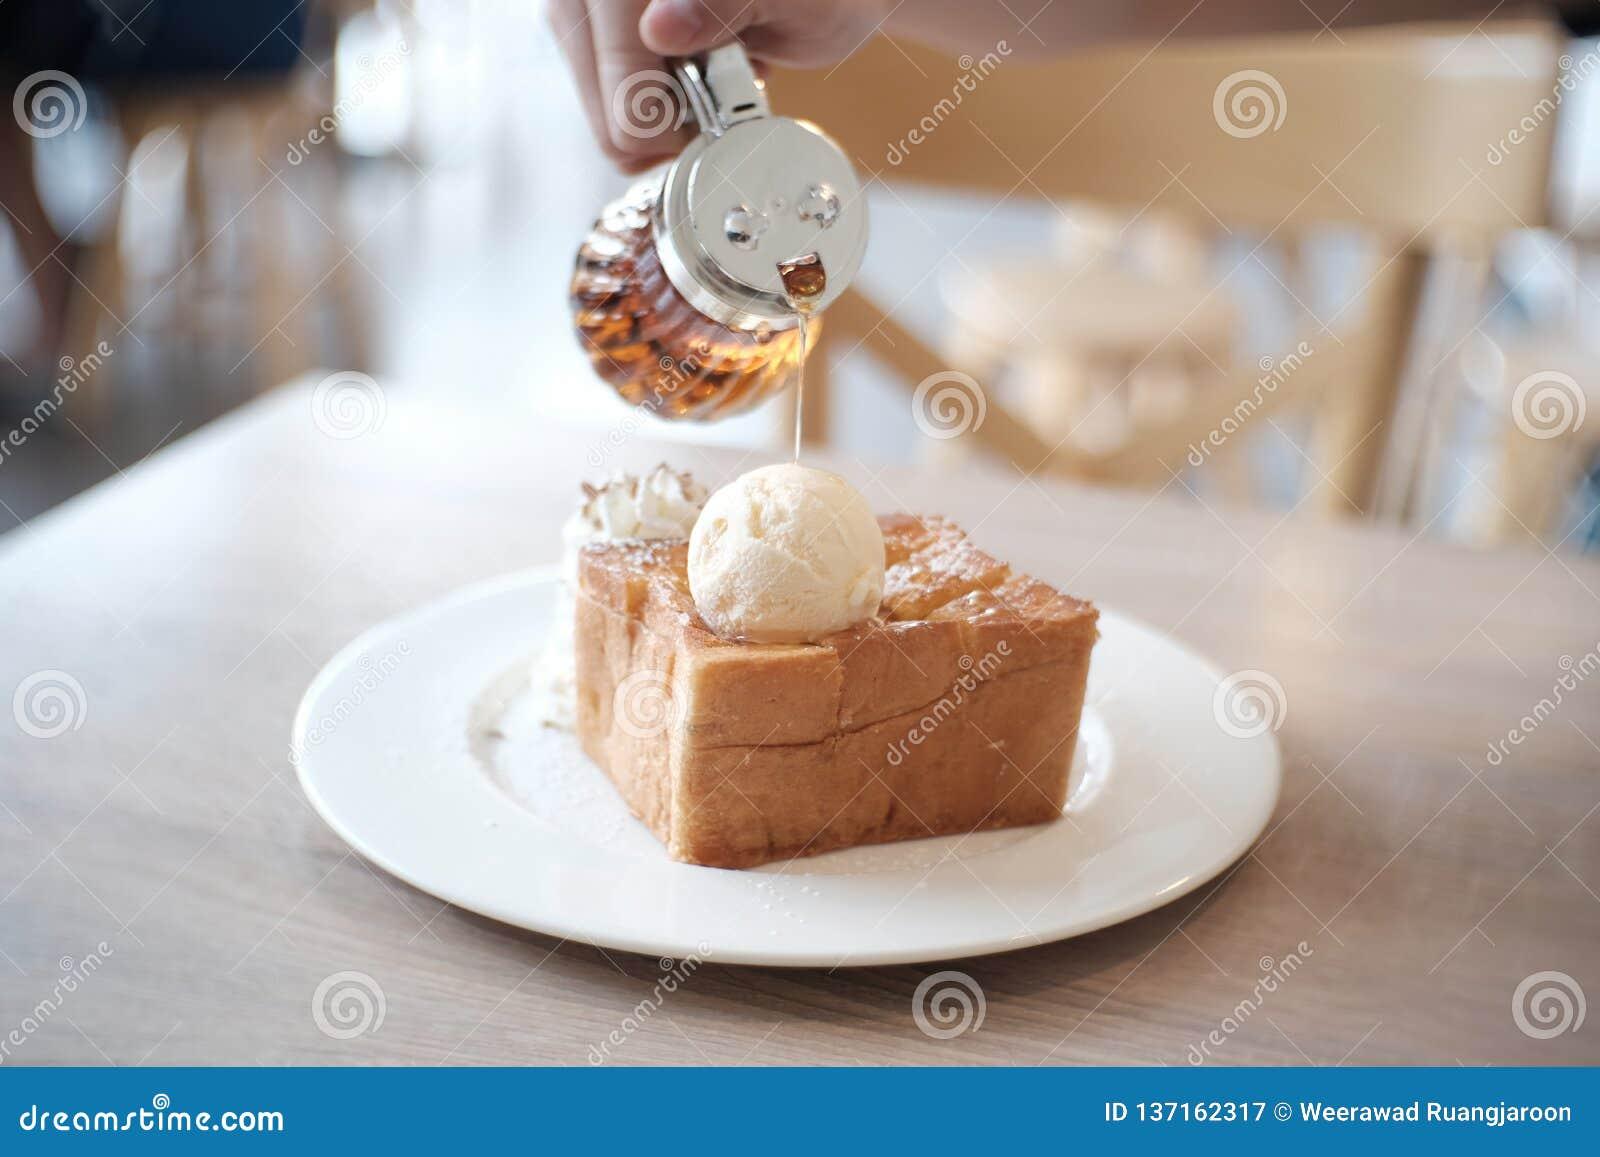 Tostada de la miel con helado de la vainilla y crema azotada en la placa blanca